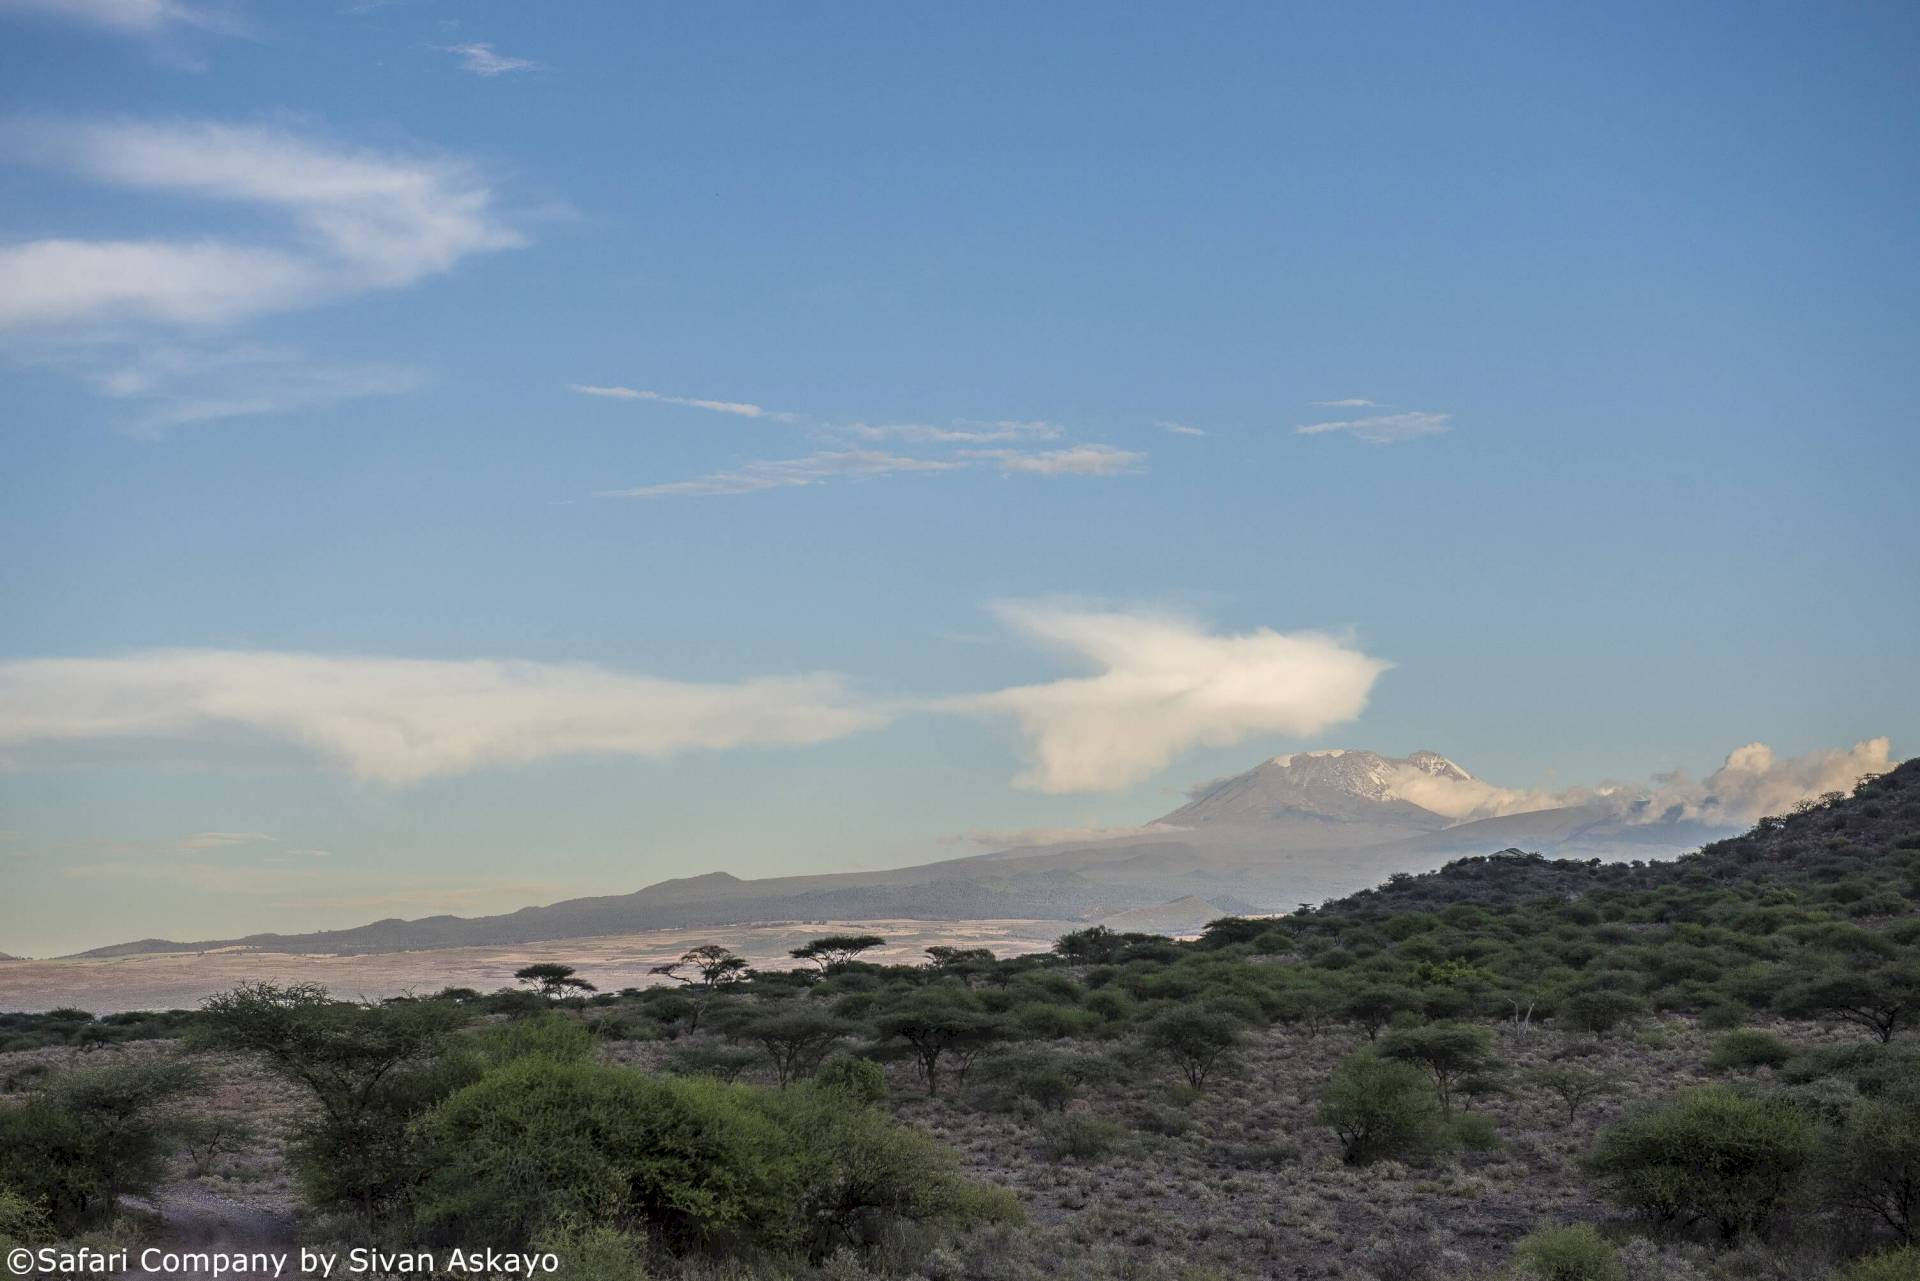 Kilimanjaro-West